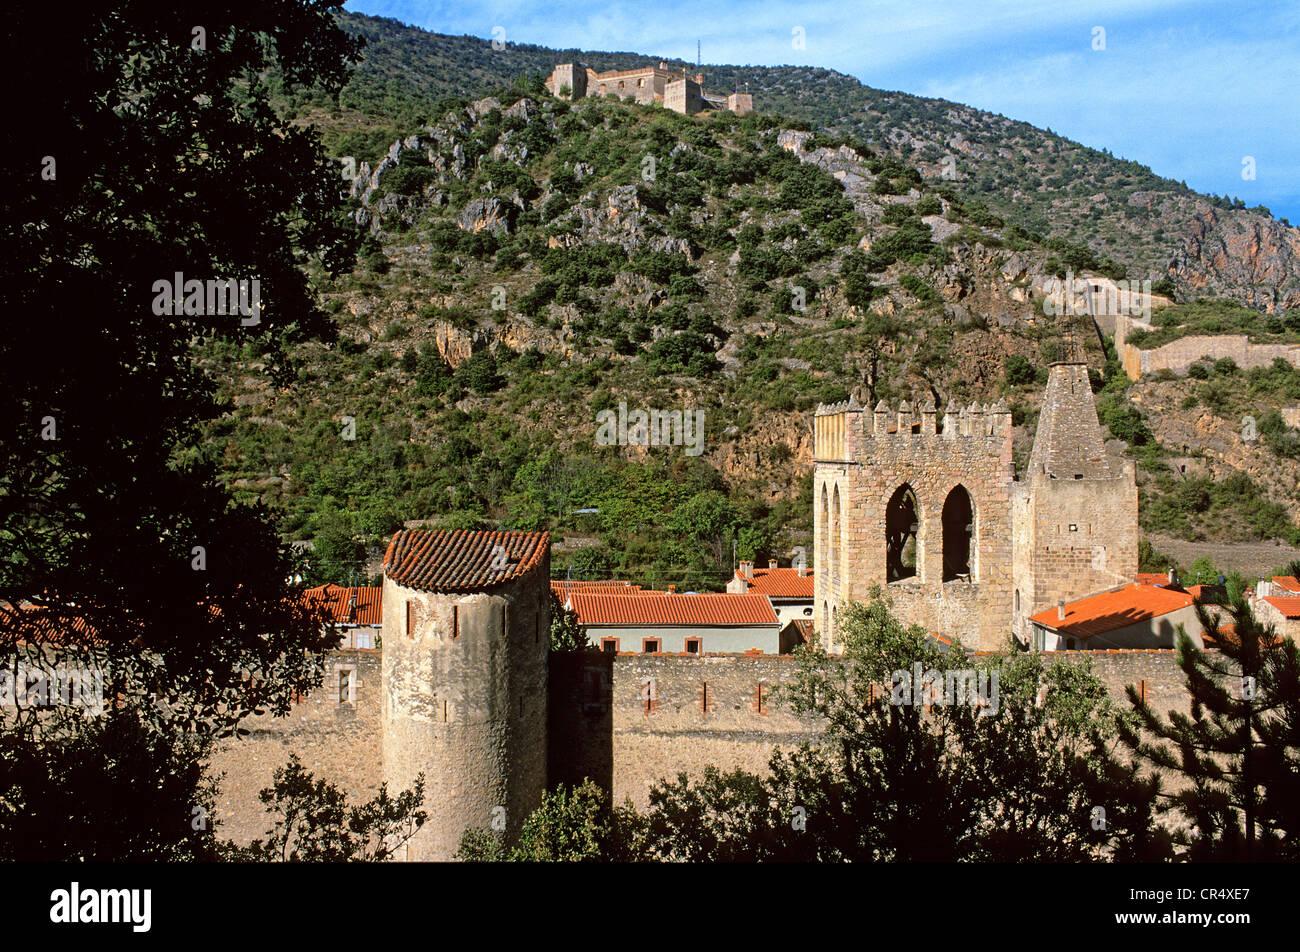 France, Pyrenees Orientales, Villefranche de Conflent, labelled Les Plus Beaux Villages de France, Medieval town - Stock Image